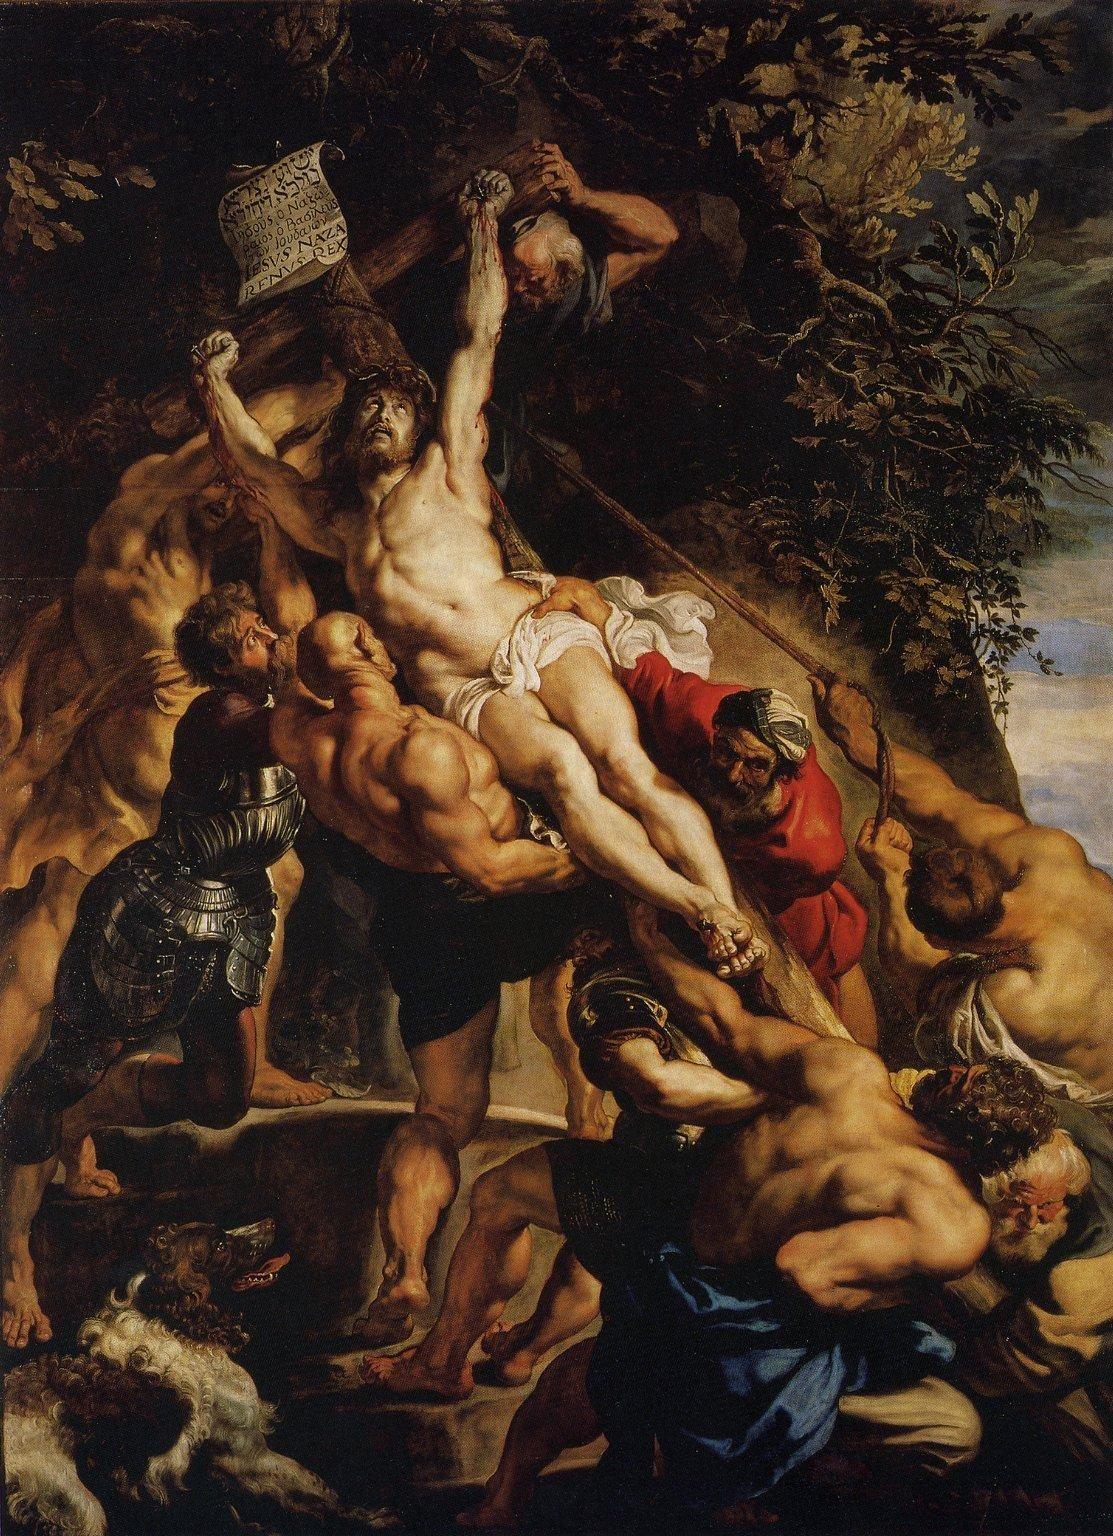 festmény felállítása az erekció gyengülésének oka a közösülés során